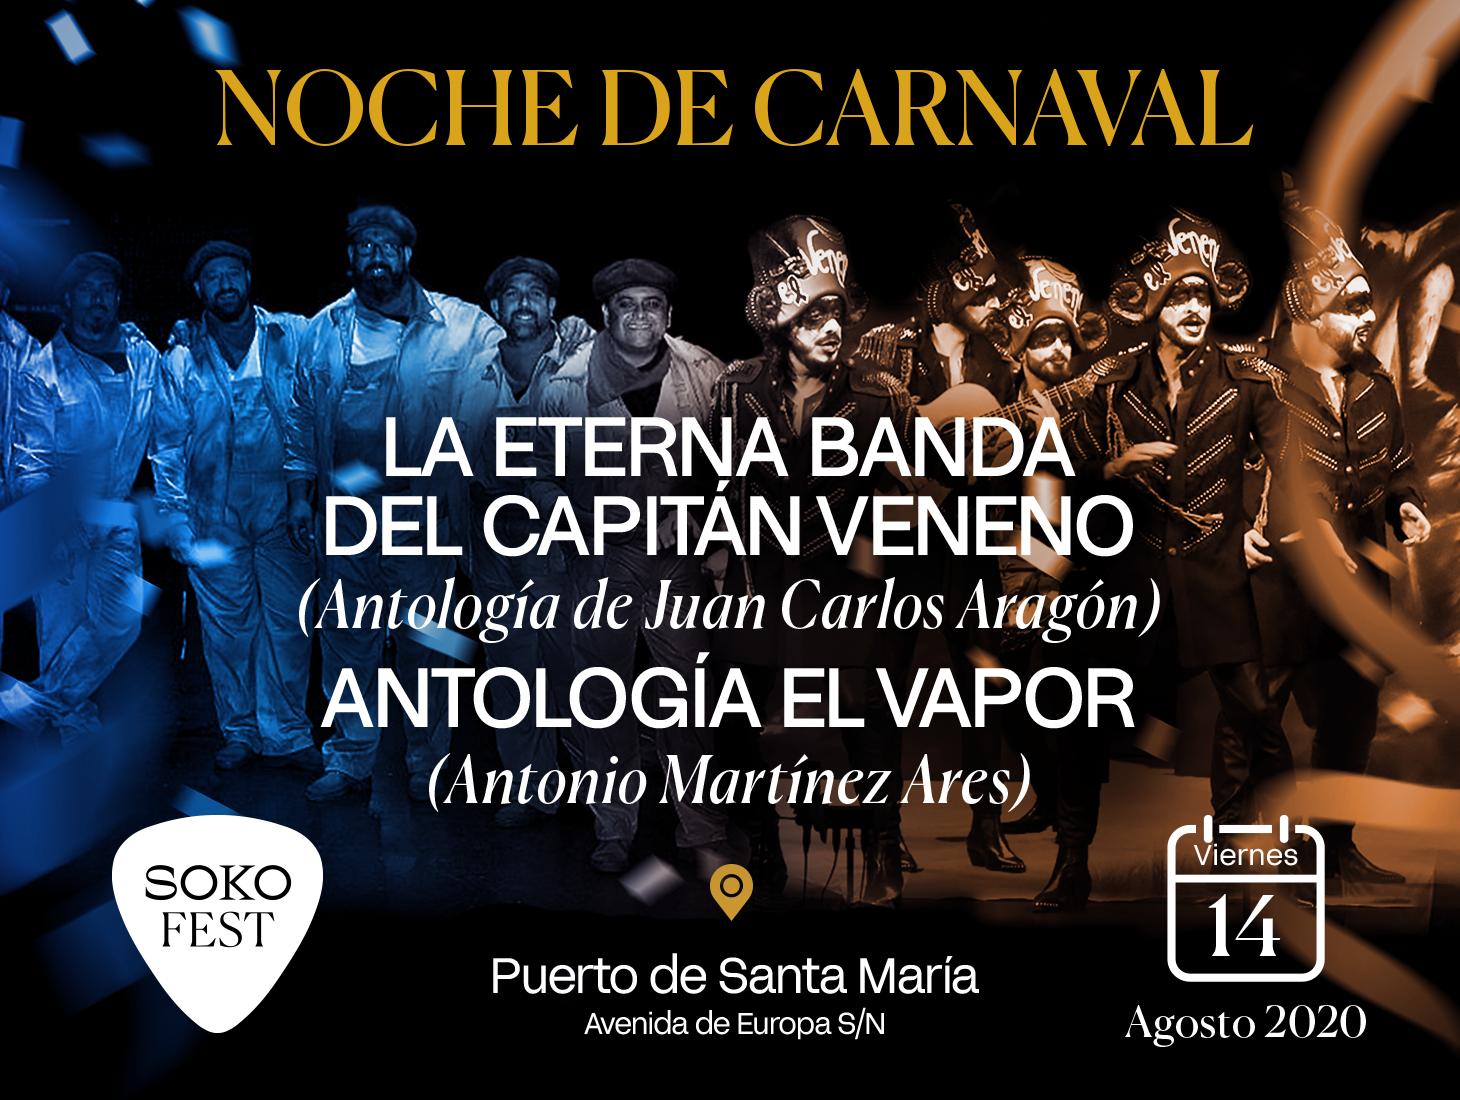 noche-de-carnaval-con-martinez-ares-y-juan-carlos-aragon-5f16c235c733d.png